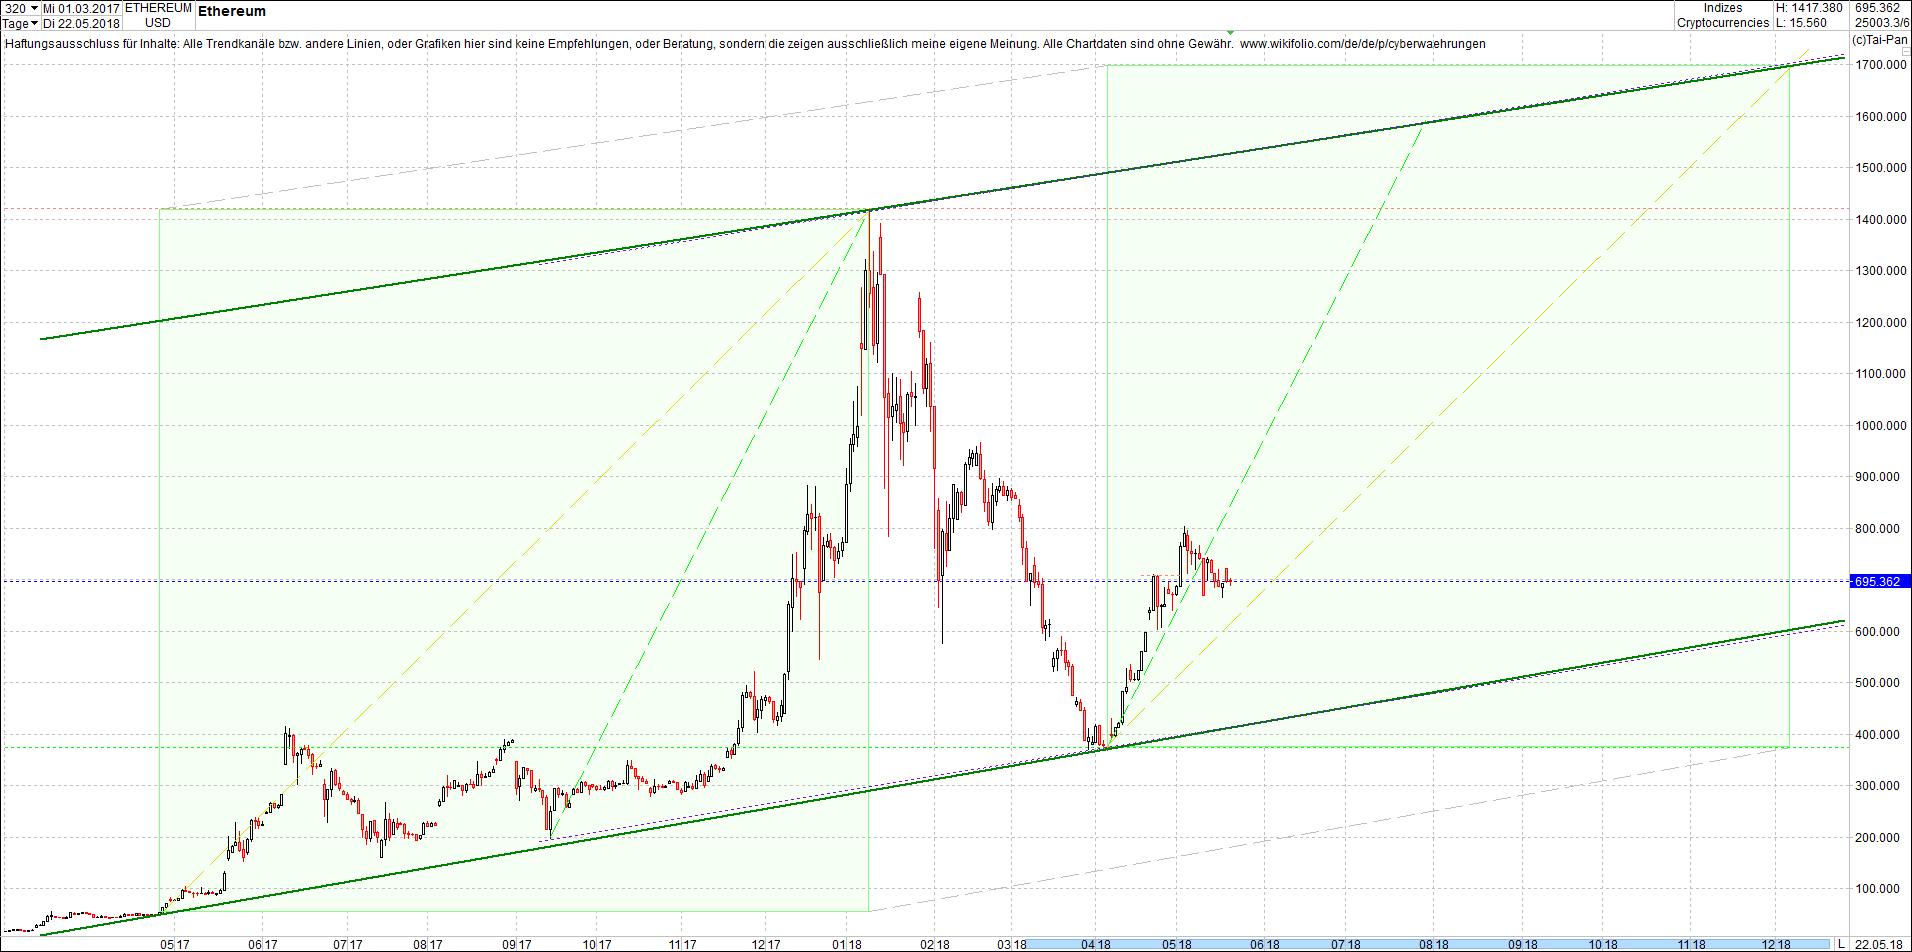 ethereum_chart_von_heute_morgen1.png